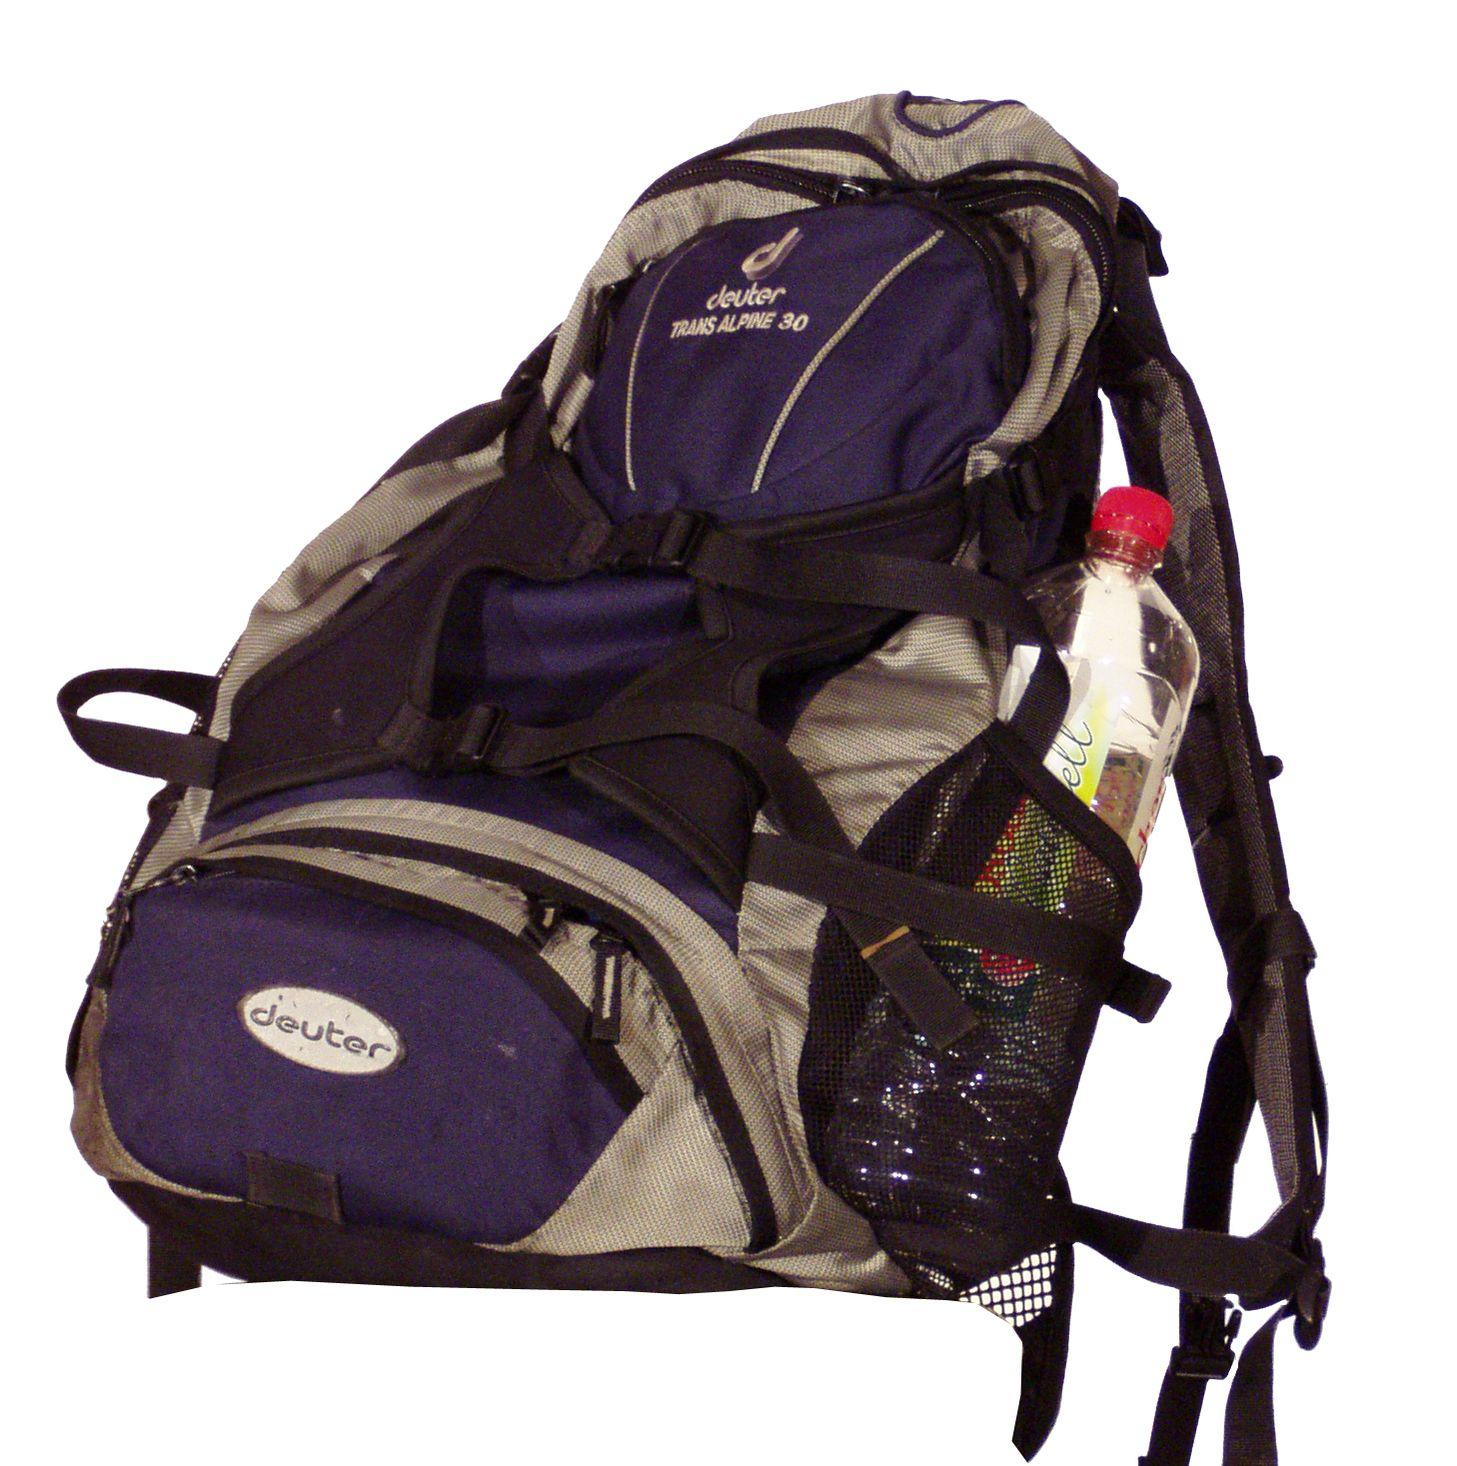 f8aa208e2a87b9 Рюкзак - Повна інформація та онлайн-розпродаж з безкоштовною доставкою.  Можливість замовити за найнижчою ціною і дешево купити в кращому  інтернет-магазині.